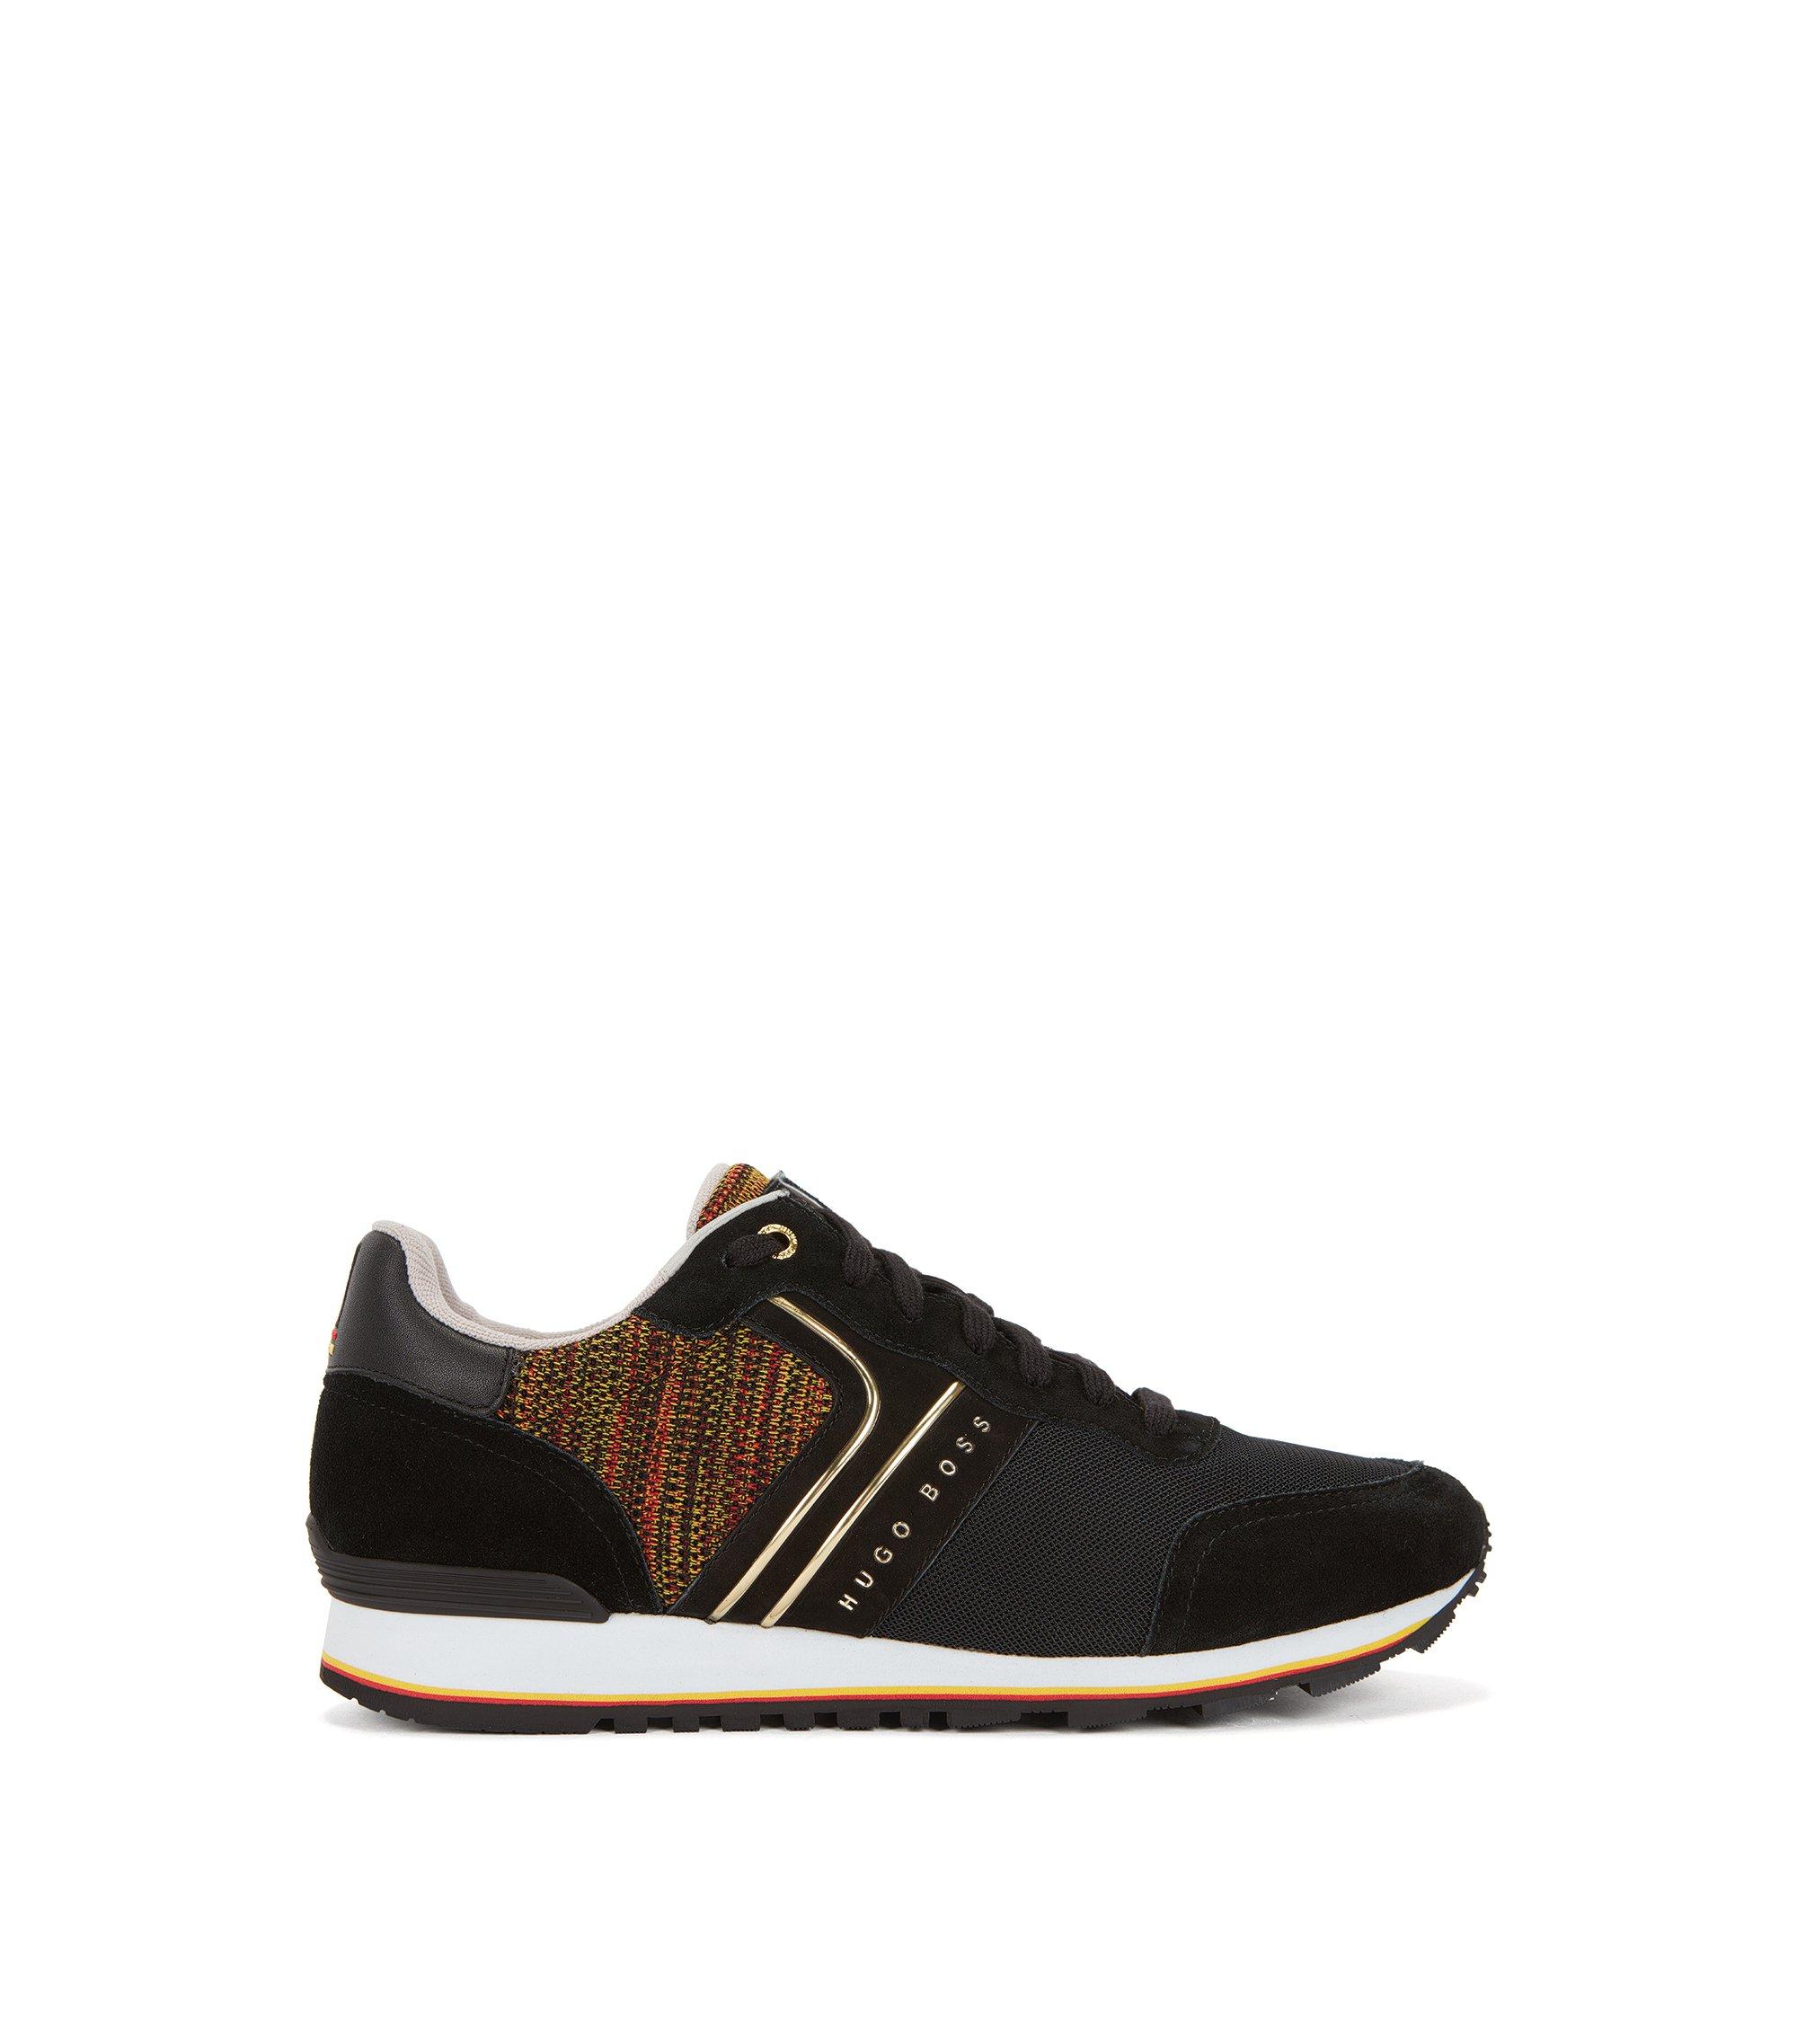 Leichte Sneakers aus Veloursleder, Strick und Mesh in Nationalfarben, Anthrazit